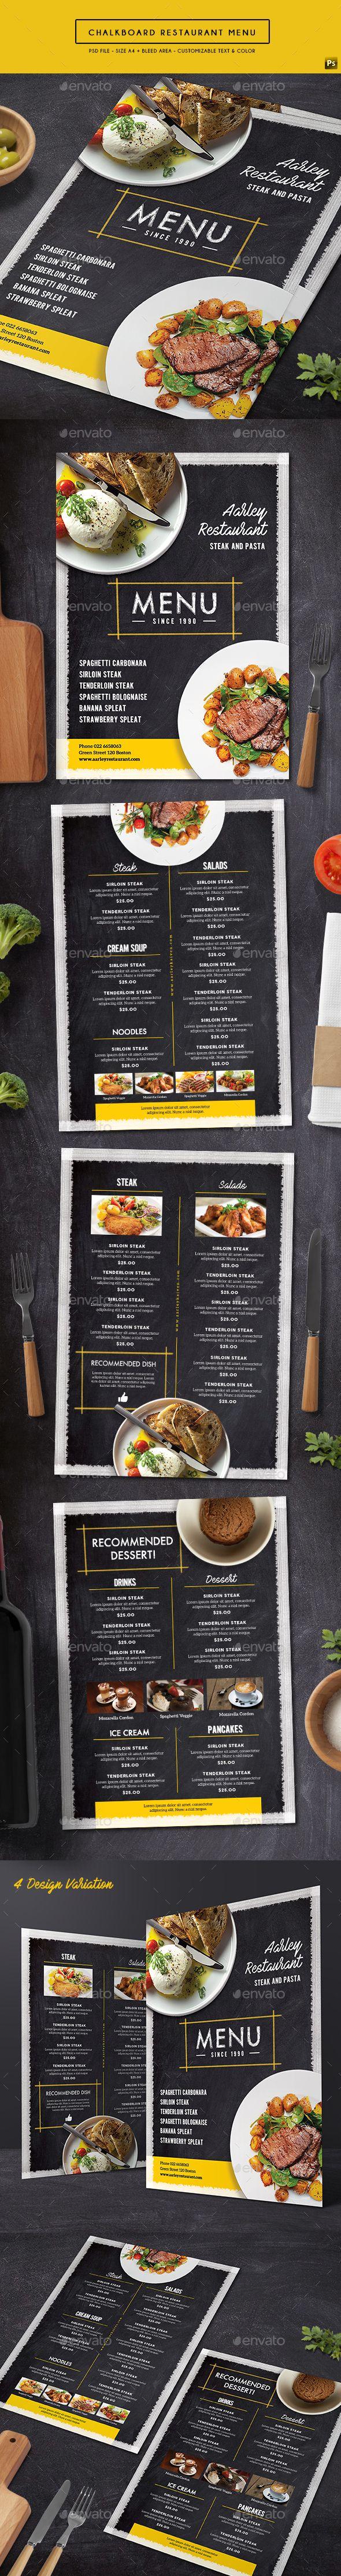 Chalkboard Restaurant Menu | Diseño de comida, Restaurante y Pizarras